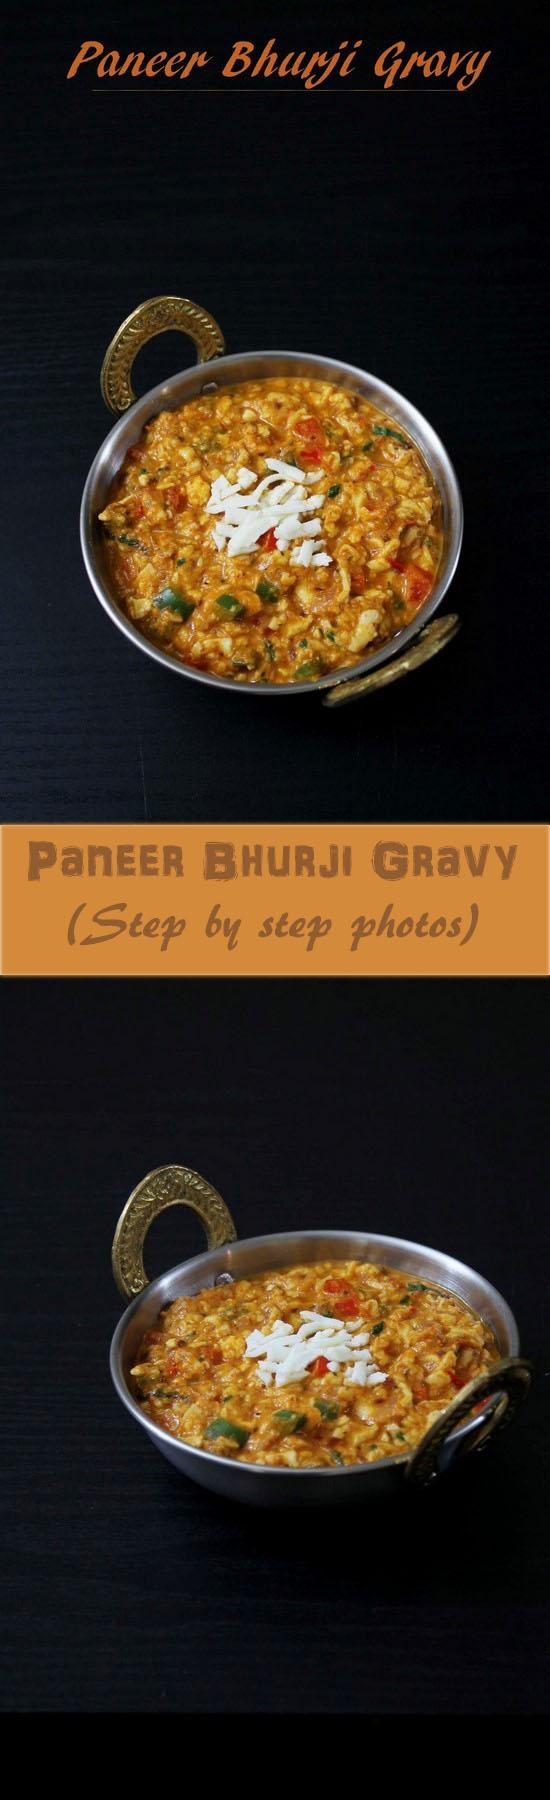 Paneer bhurji gravy recipe, Restaurant style